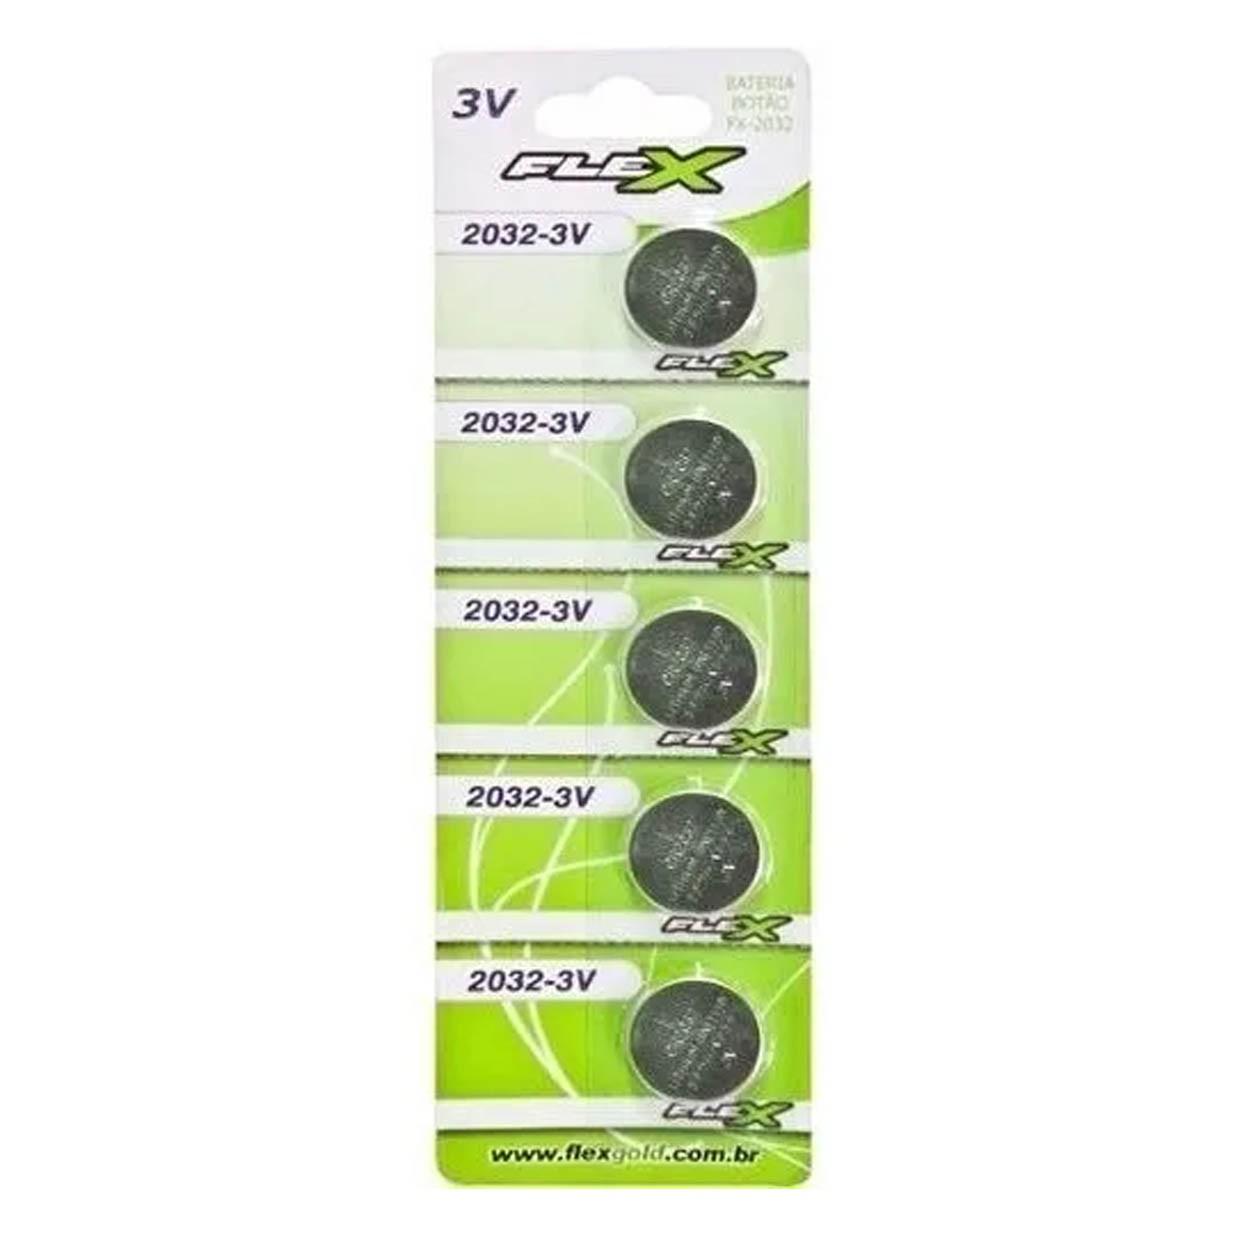 Blister 5 Unid. Bateria FX-CR2032 Lithium 3v Tipo Botão Flex - CR2032